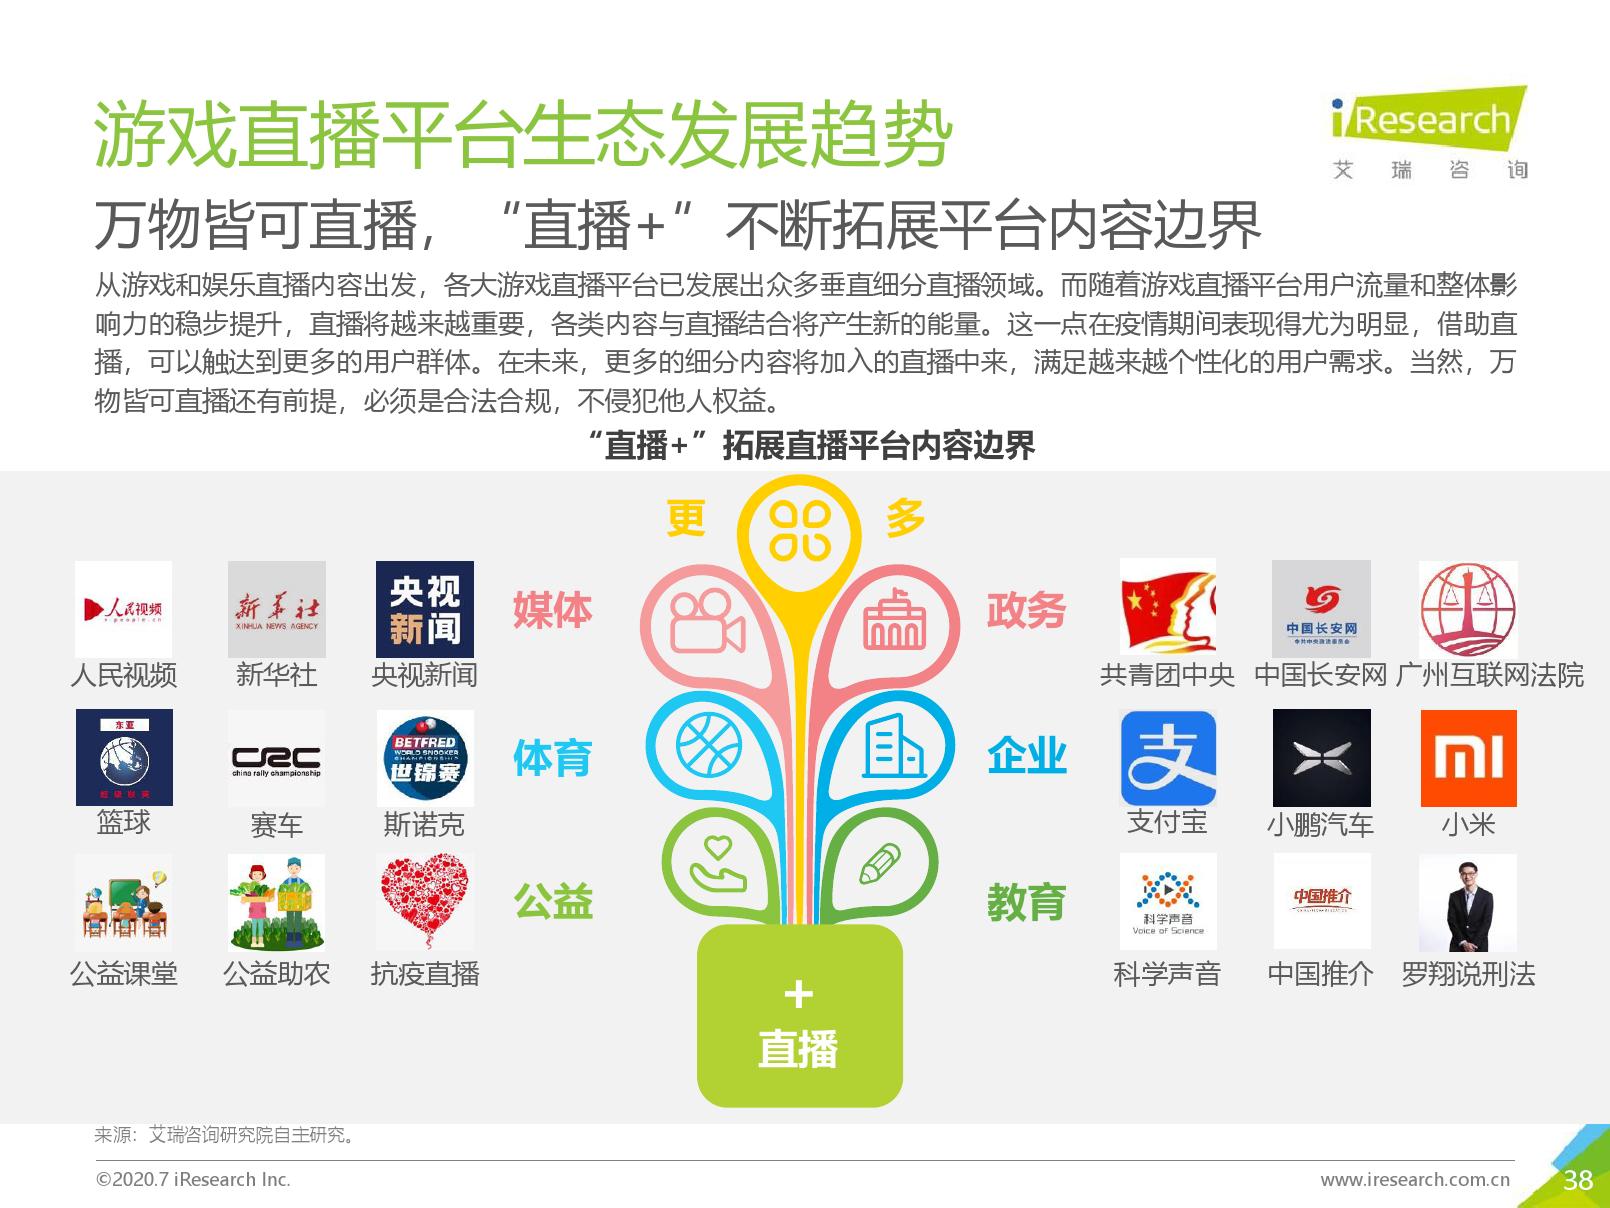 艾瑞咨询:2020年中国游戏直播行业研究报告(可下载报告)插图(75)